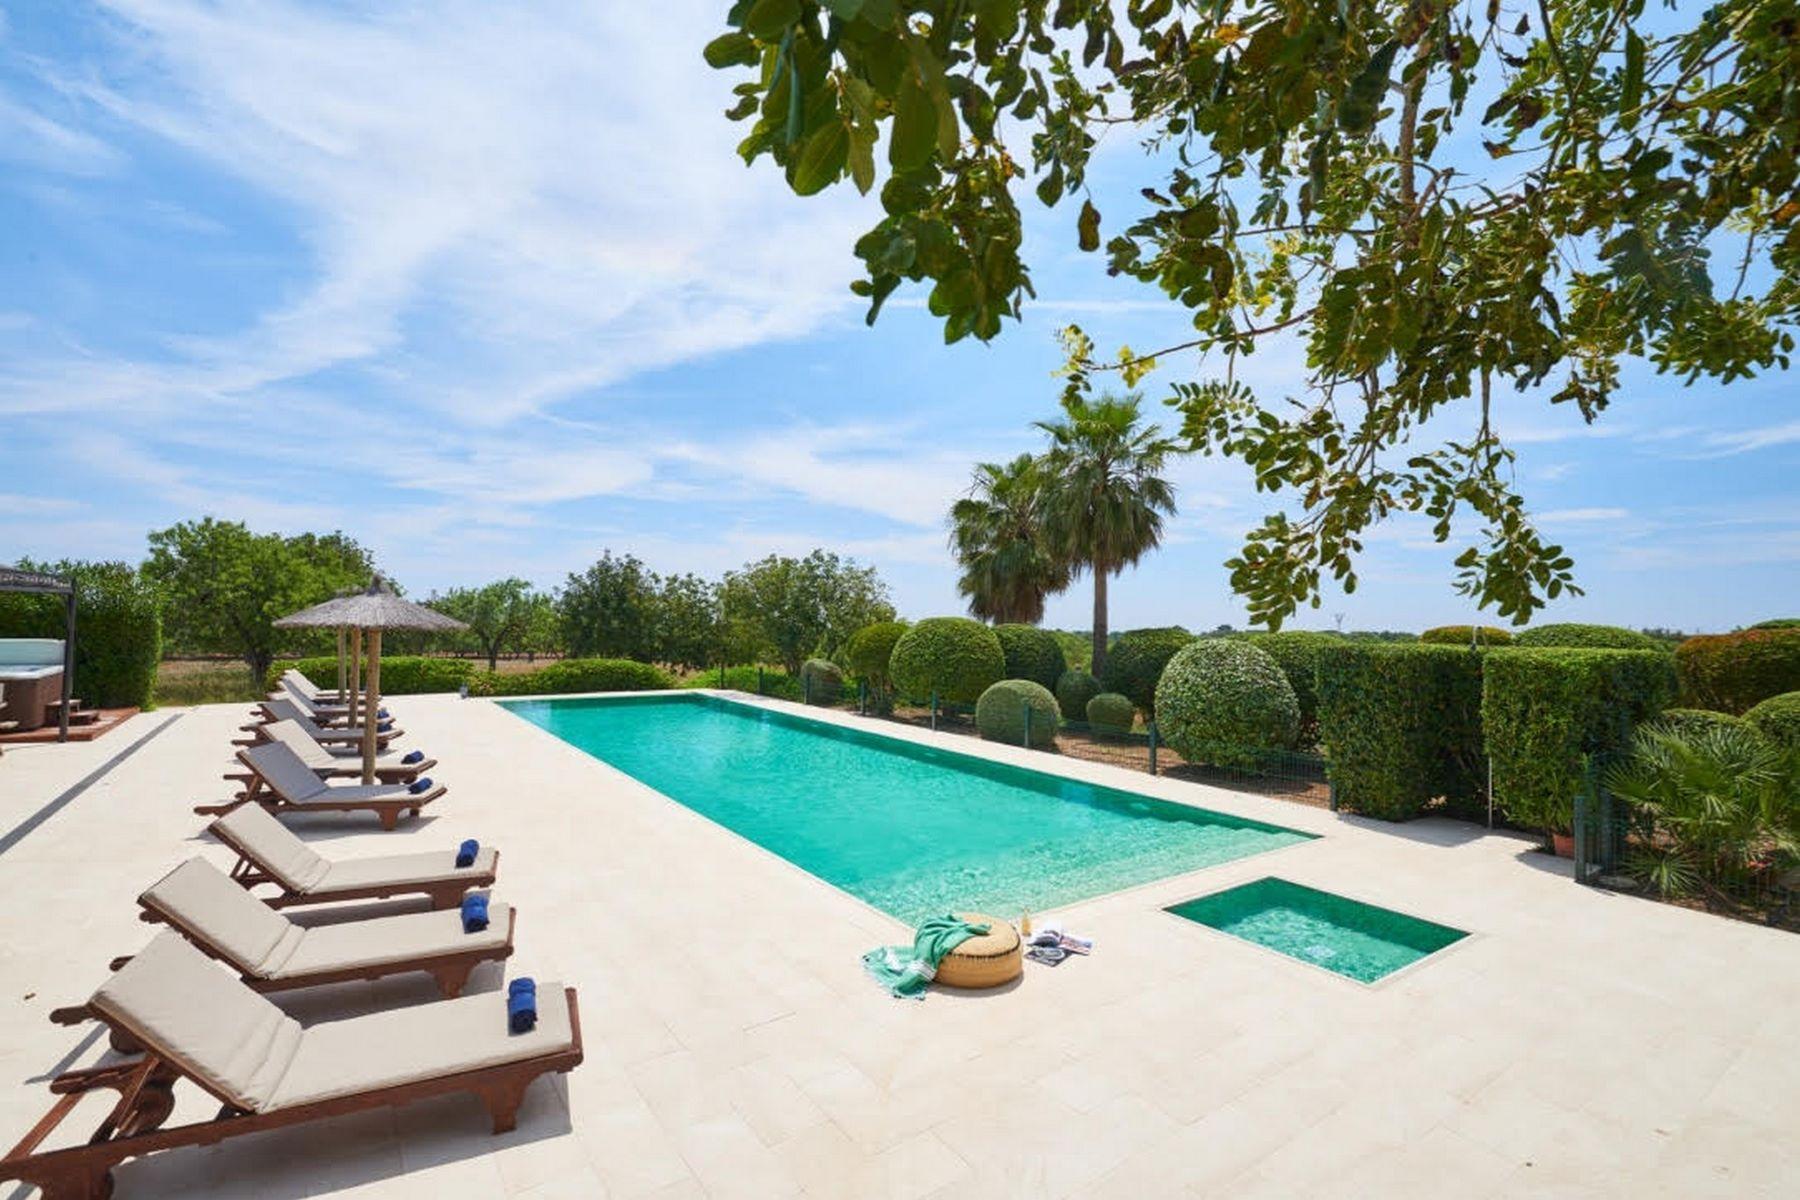 Single Family Home for Rent at Stunning villa in Porto Colom Porto Colom, Mallorca Spain